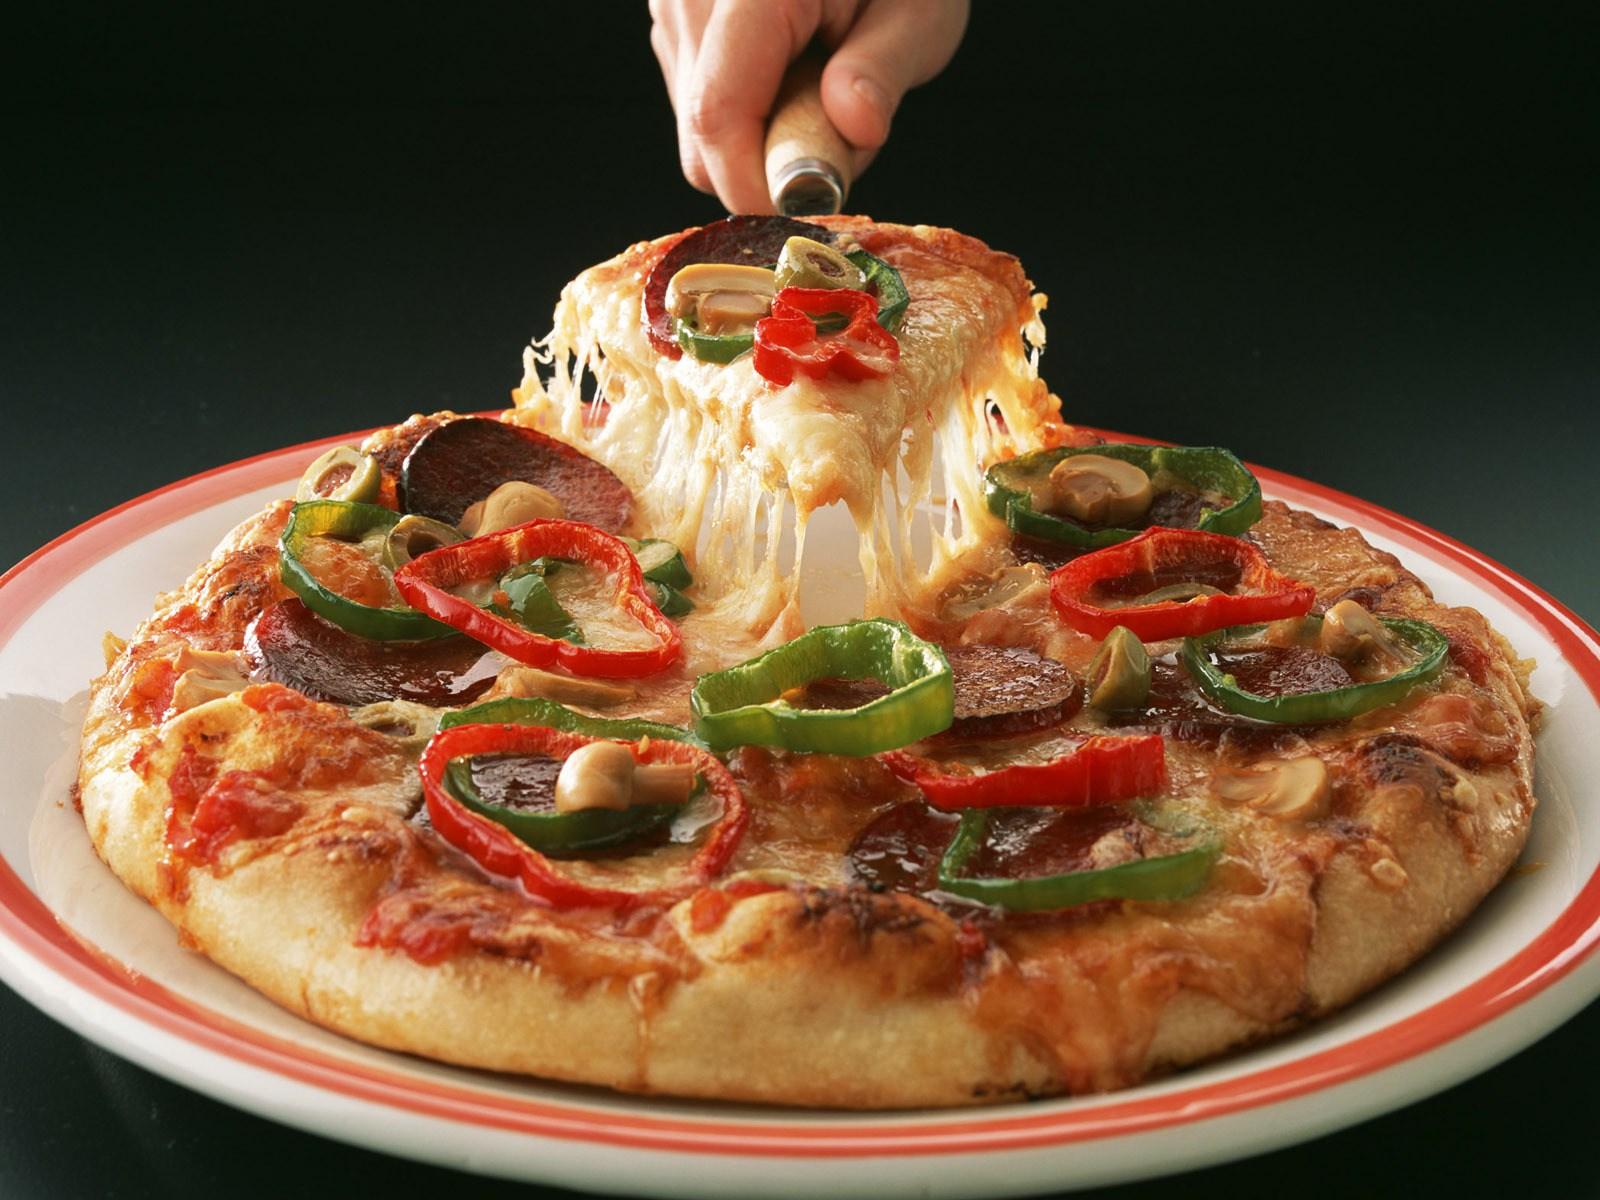 بالصور صور بيتزا , اشكال مختلفة في البيتزا 5351 3